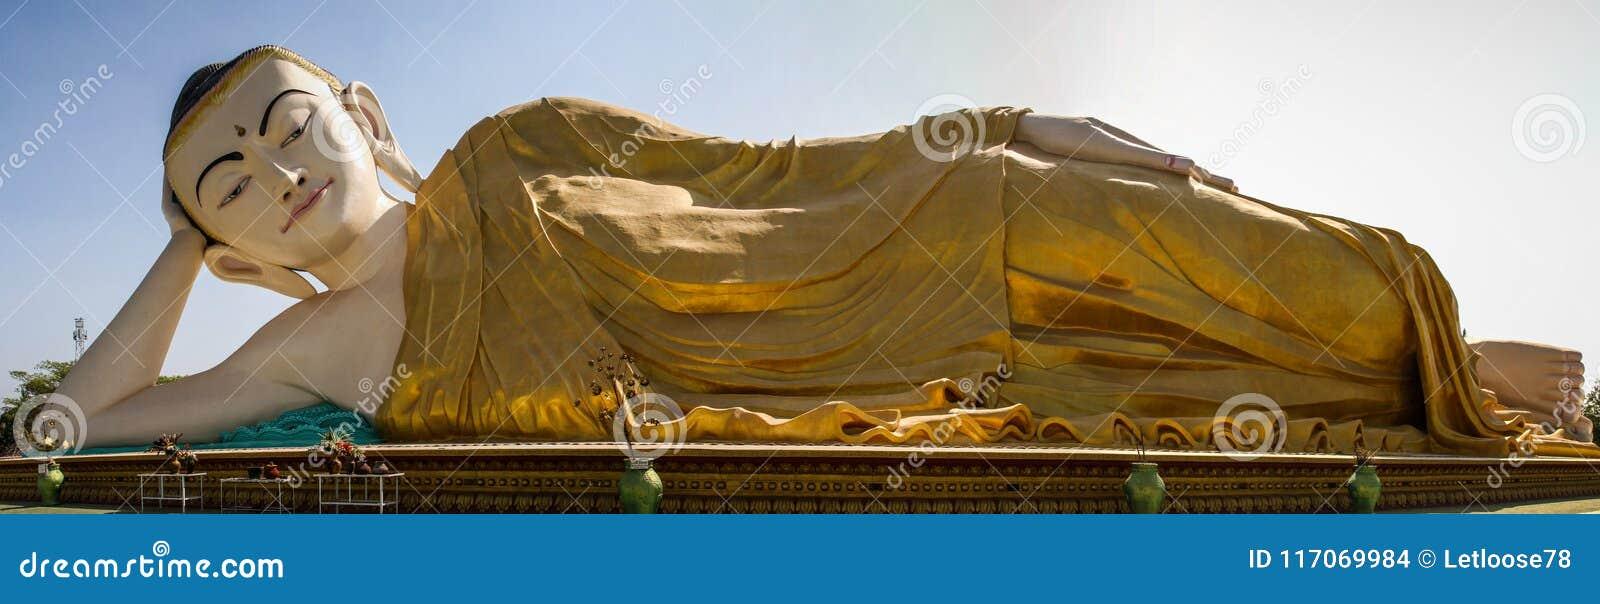 Vista panorâmica de Mya Tha Lyaung, Buda de reclinação, um do maiores no mundo, Bago, região de Bago, Myanmar